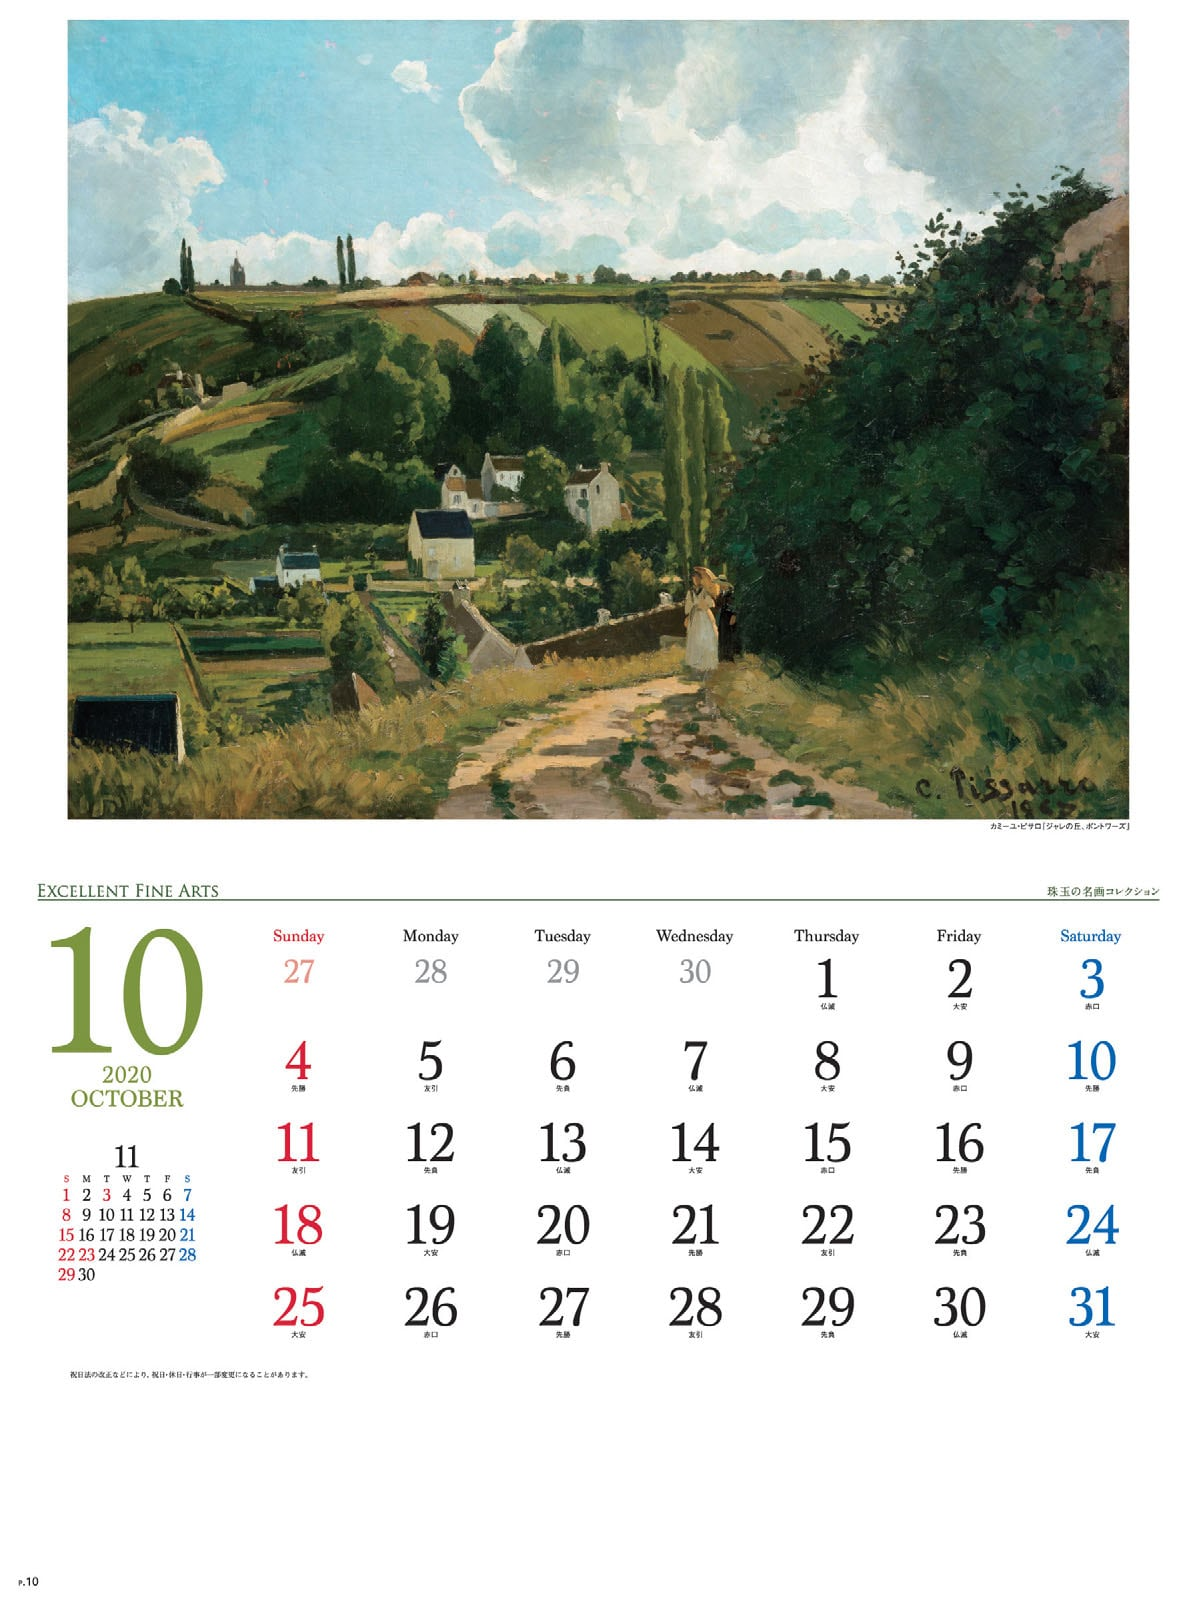 画像:ピサロ 珠玉の名画コレクション 2020年カレンダー